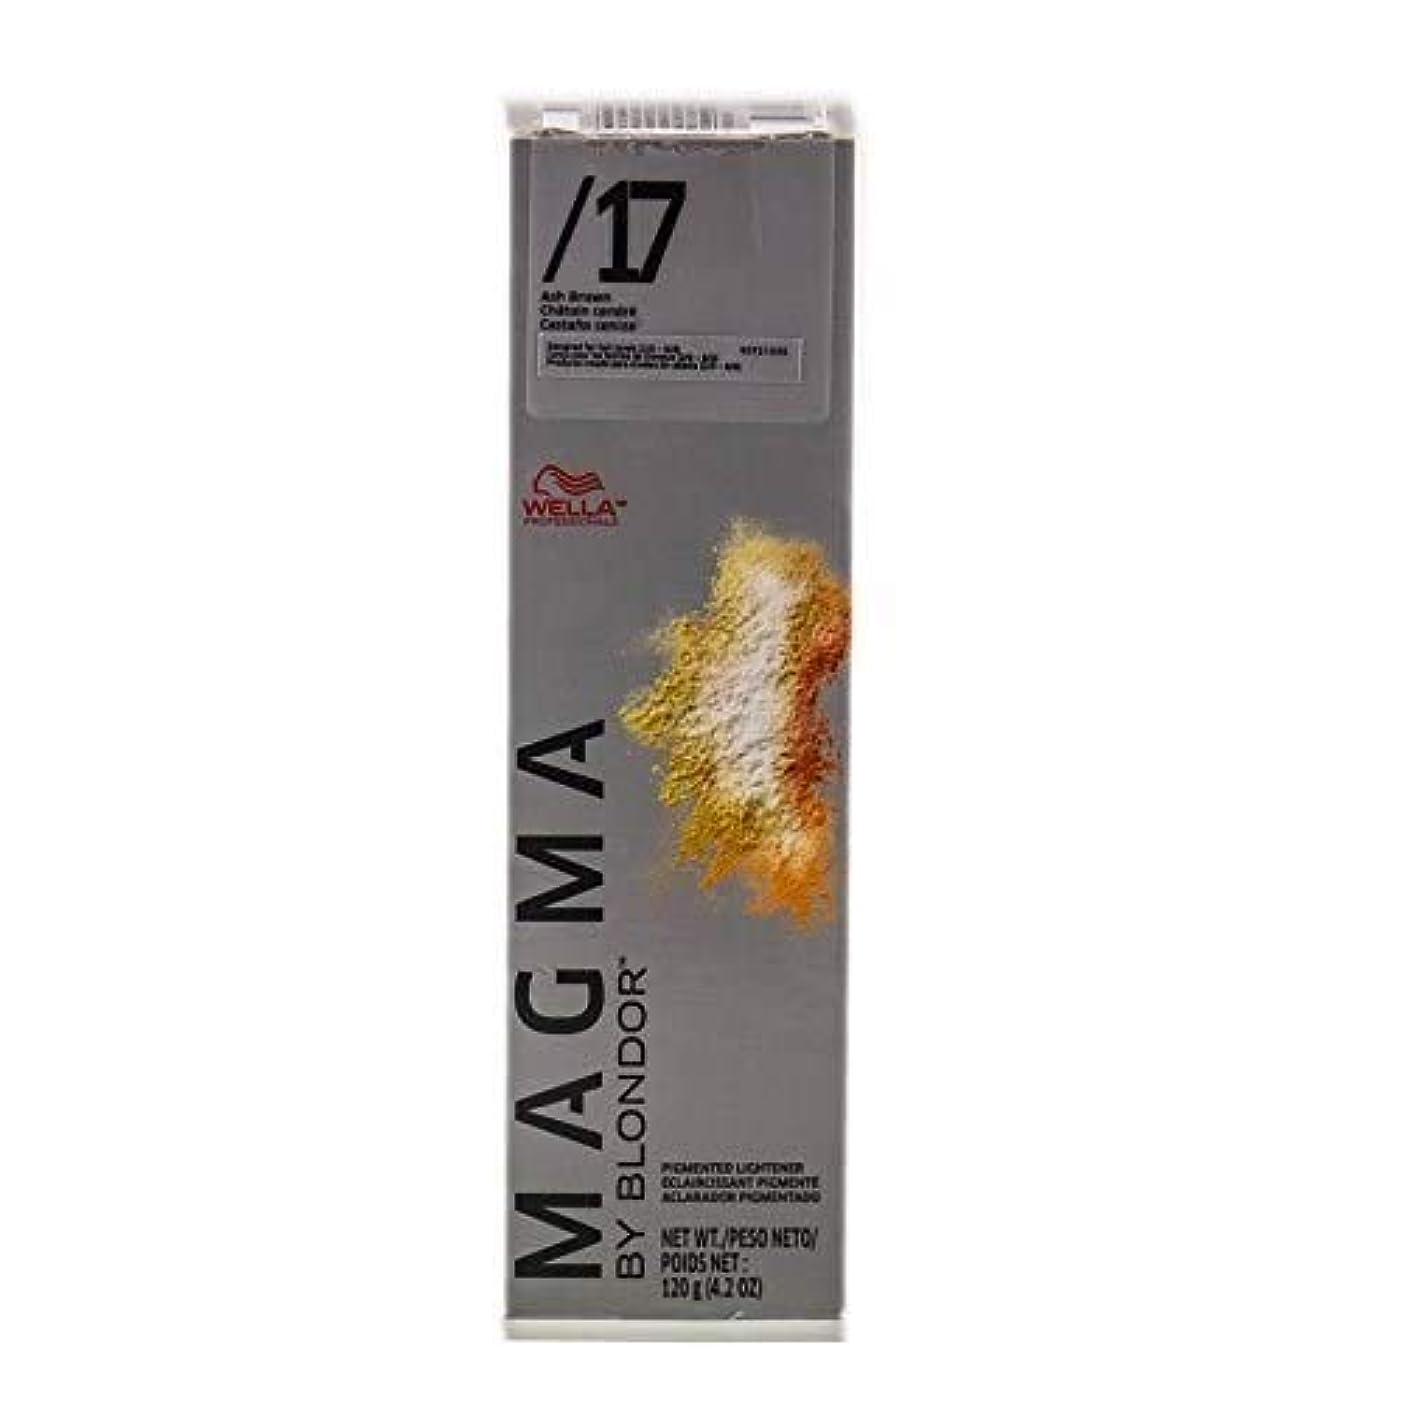 つかいますゲートアプトWella ユニセックスのためにマグマ着色ライトナー17アッシュブラウン、4.2オンス 4.2オンス